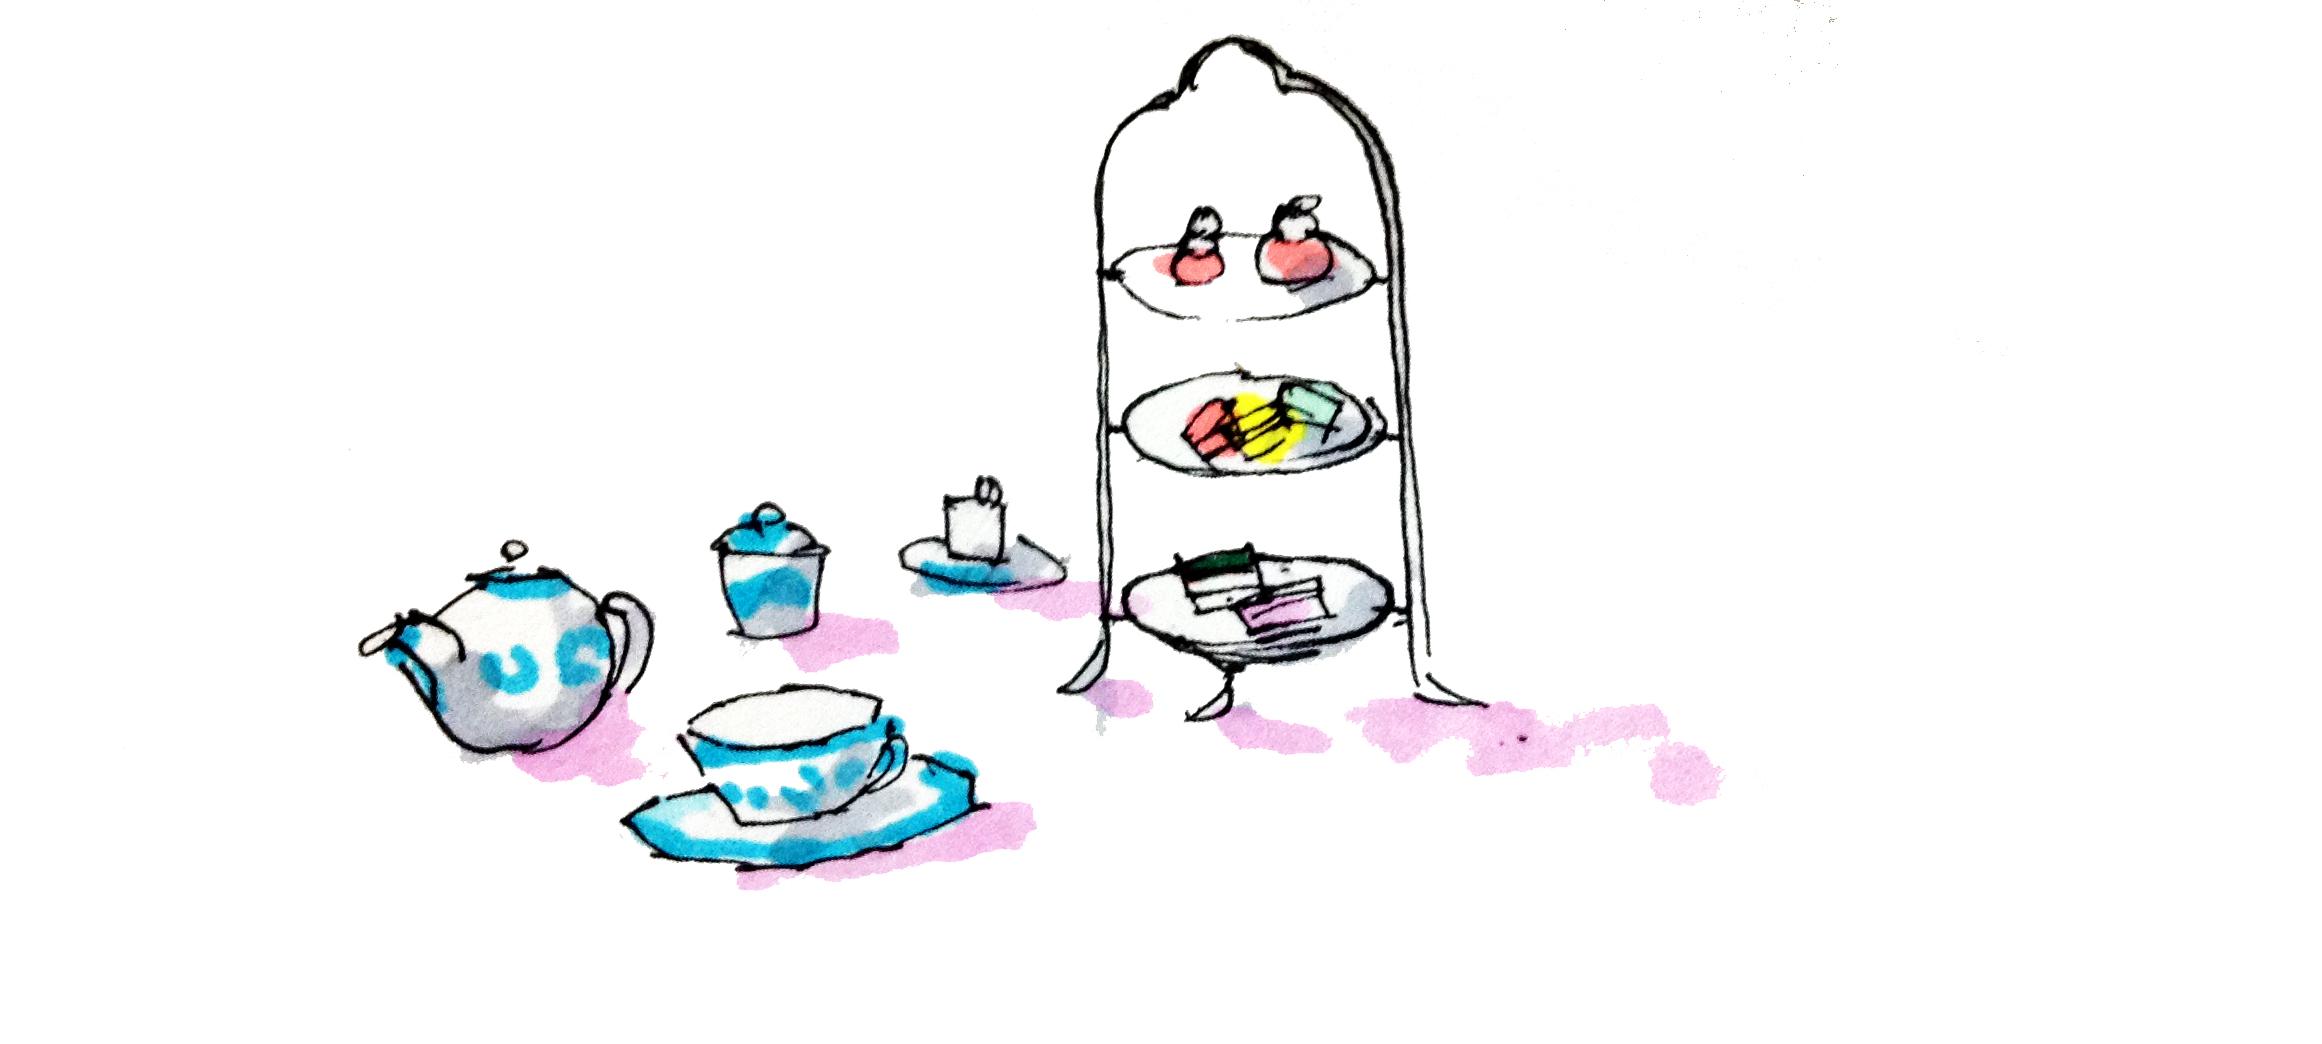 マイセンの器で憧れのティーカップのイメージをコピックマーカーで描いたイラスト